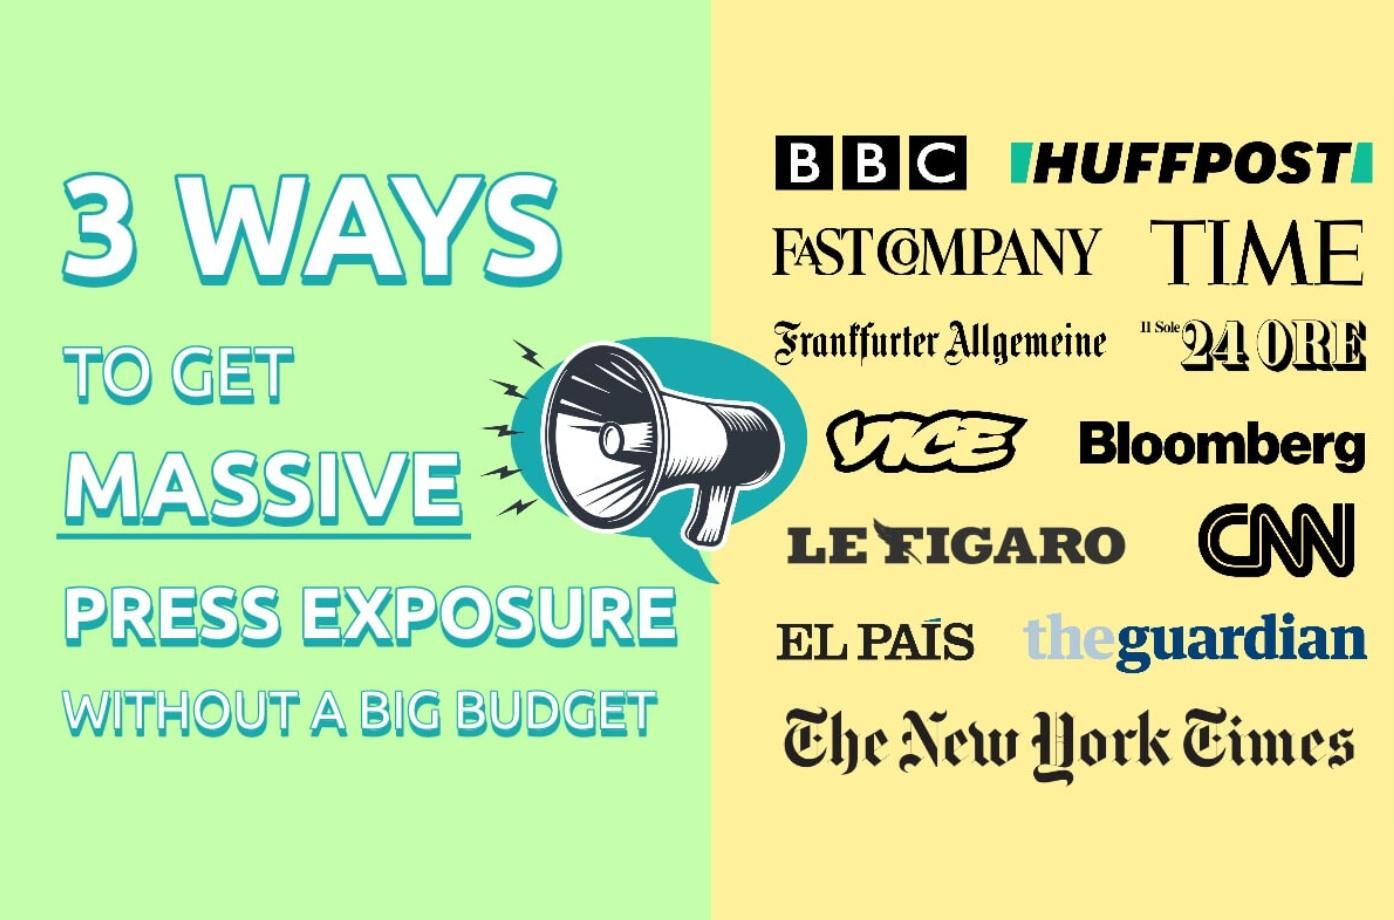 PR exposure